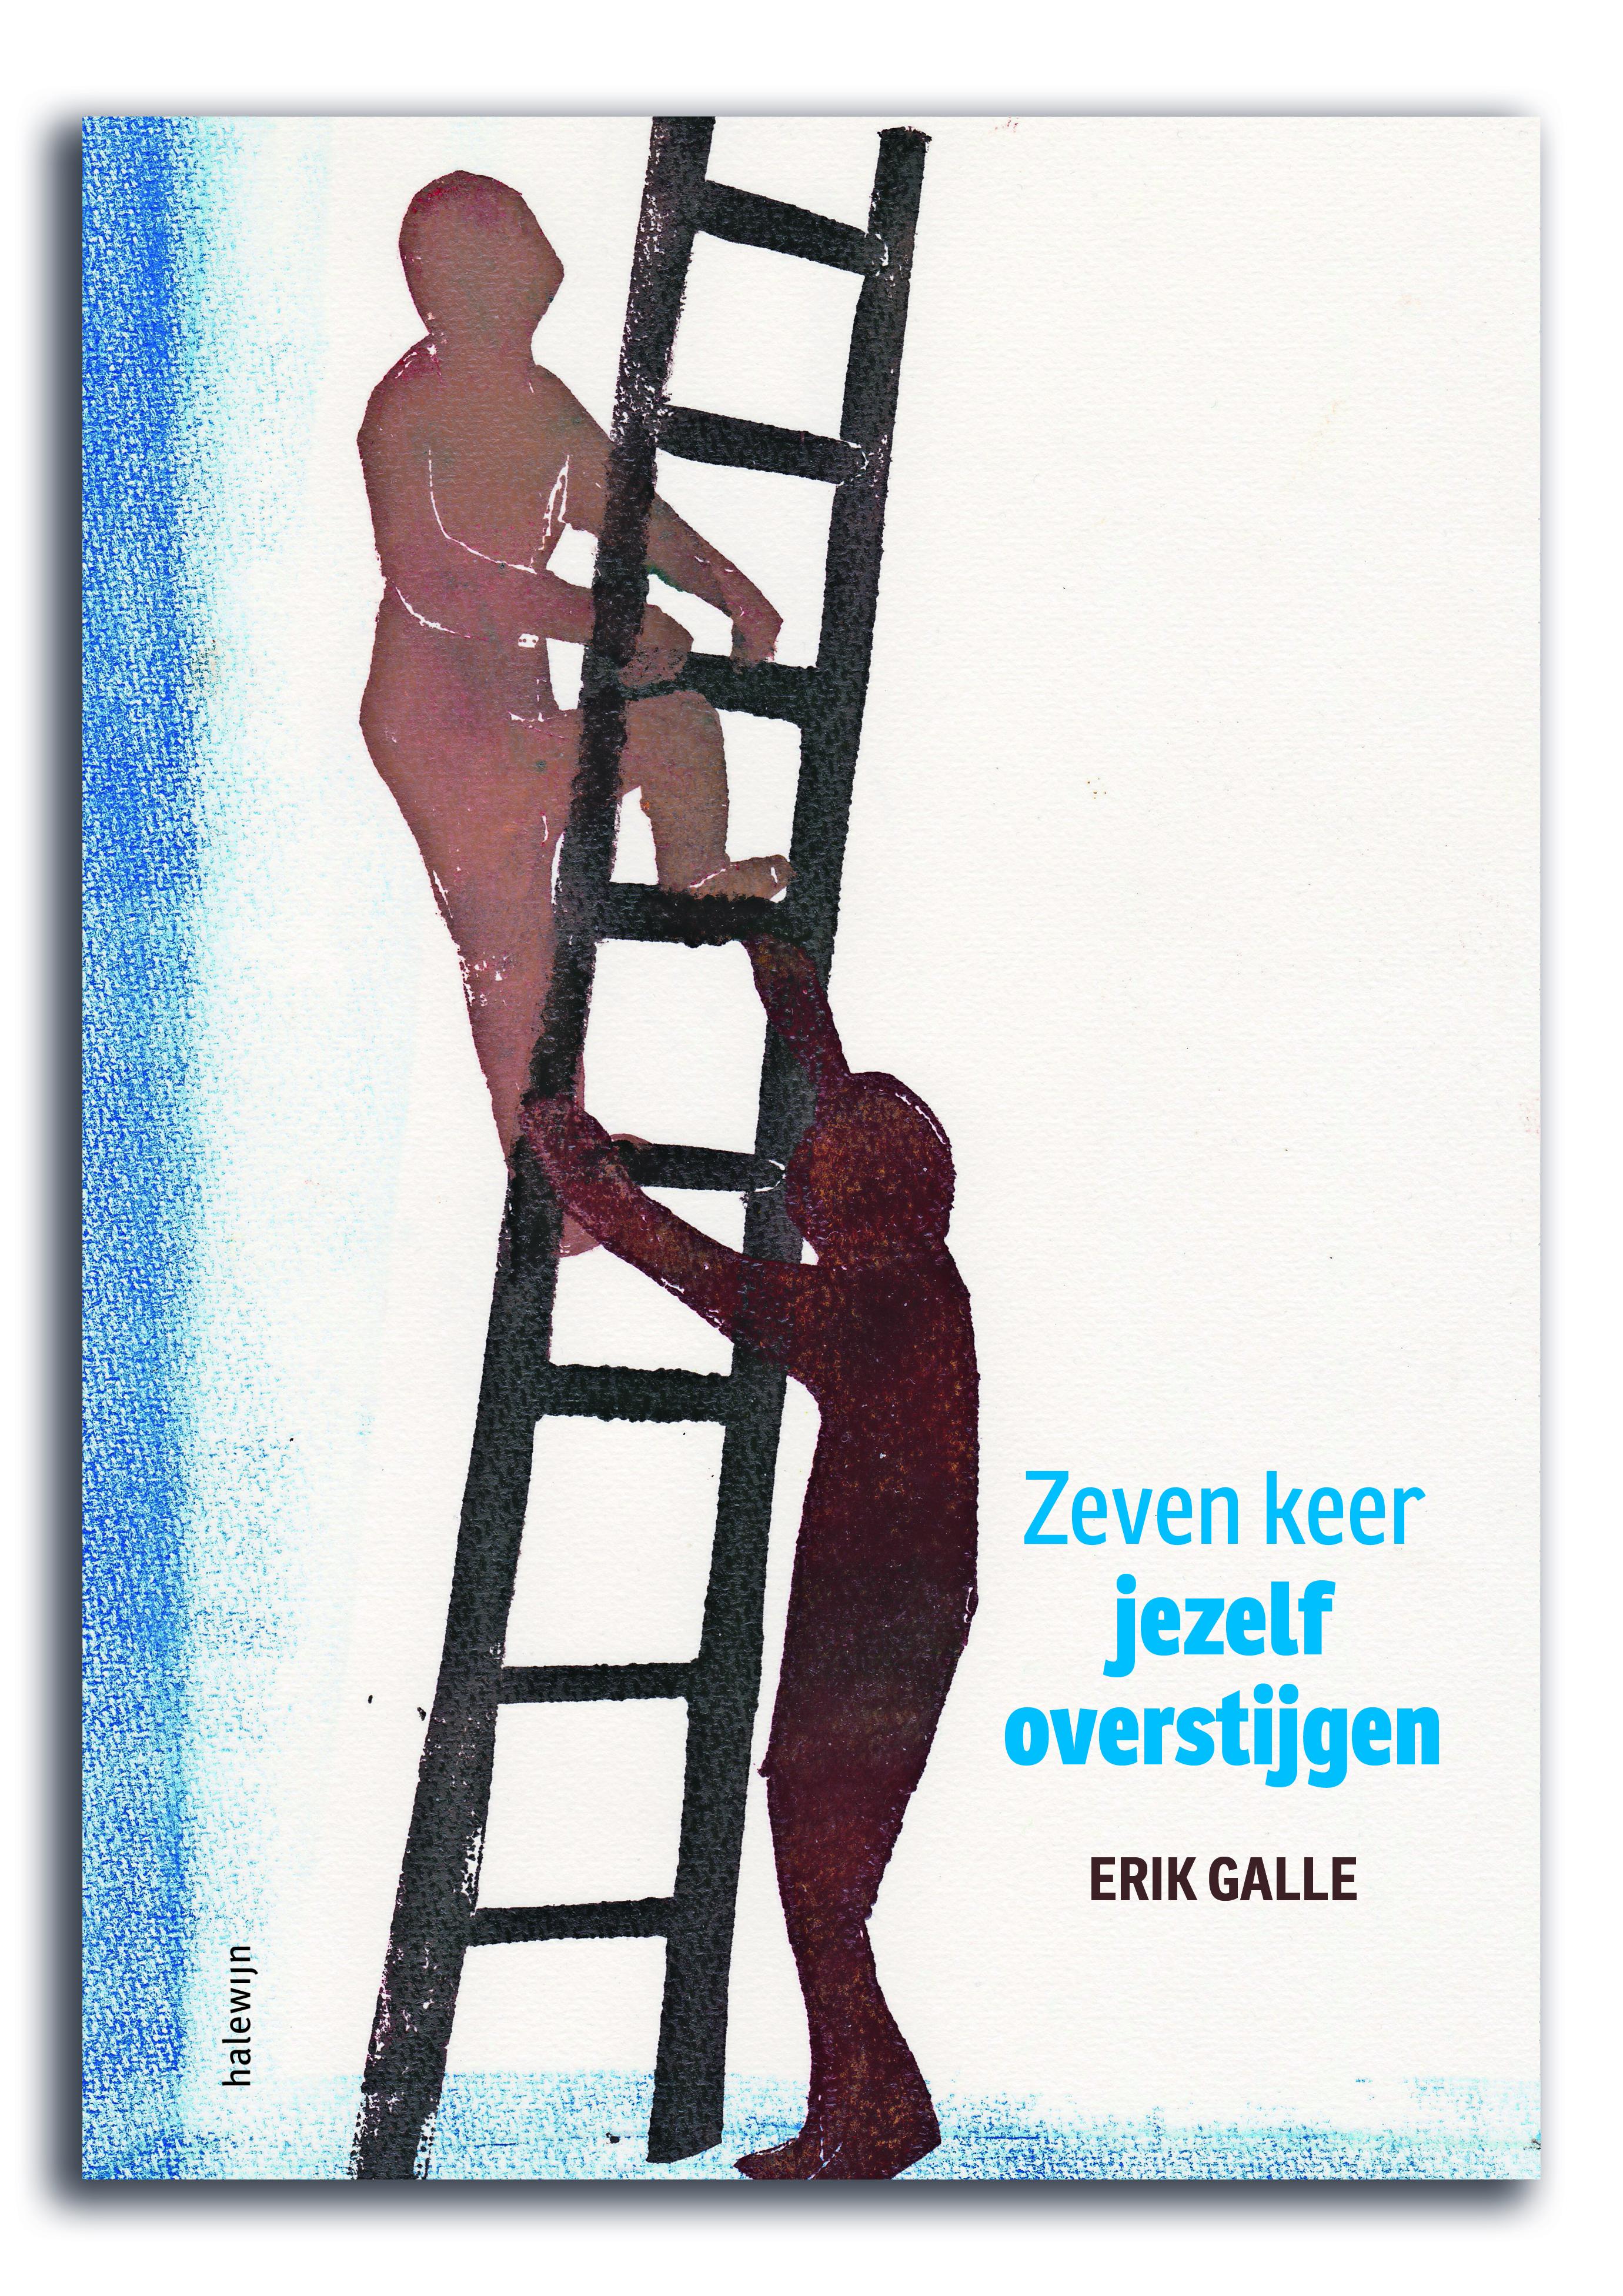 Zeven keer jezelf overstijgen, Erik Galle. 56 pagina's, 21 x 30 cm. Halewijn.